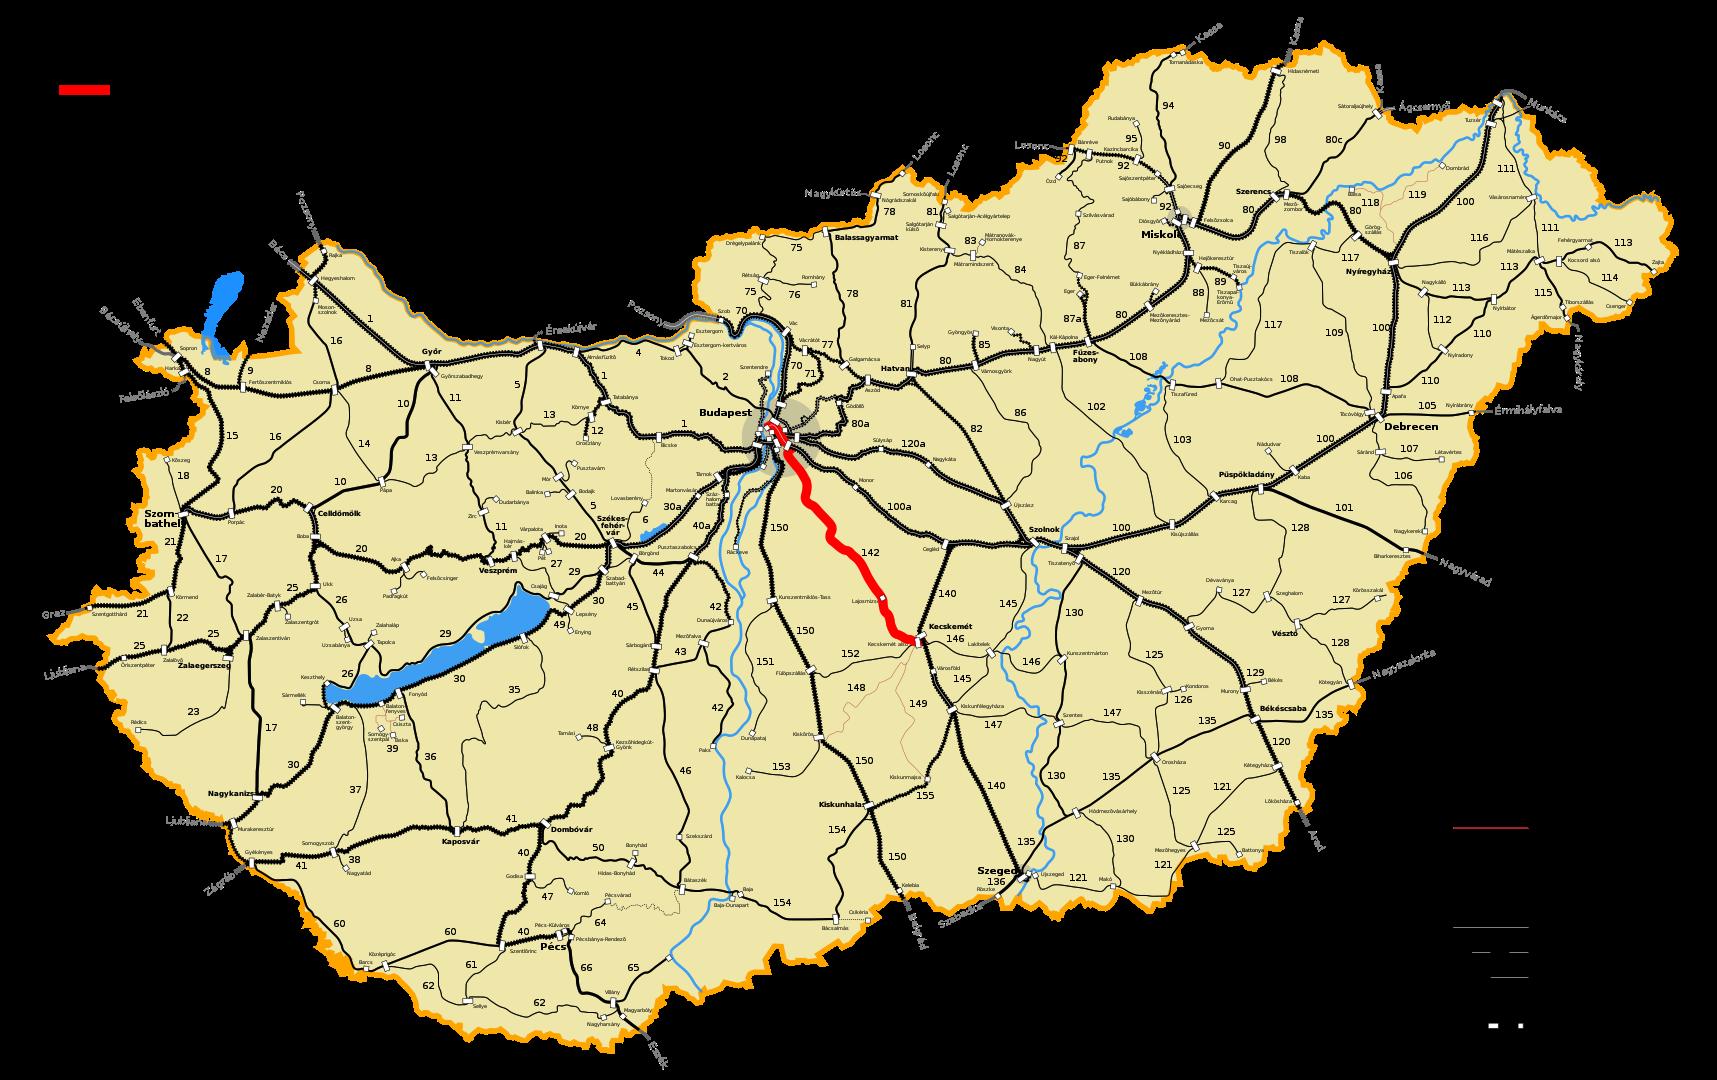 Megkezdődik a Budapest-Lajosmizse-Kecskemét vasútvonal felújításának tervezése